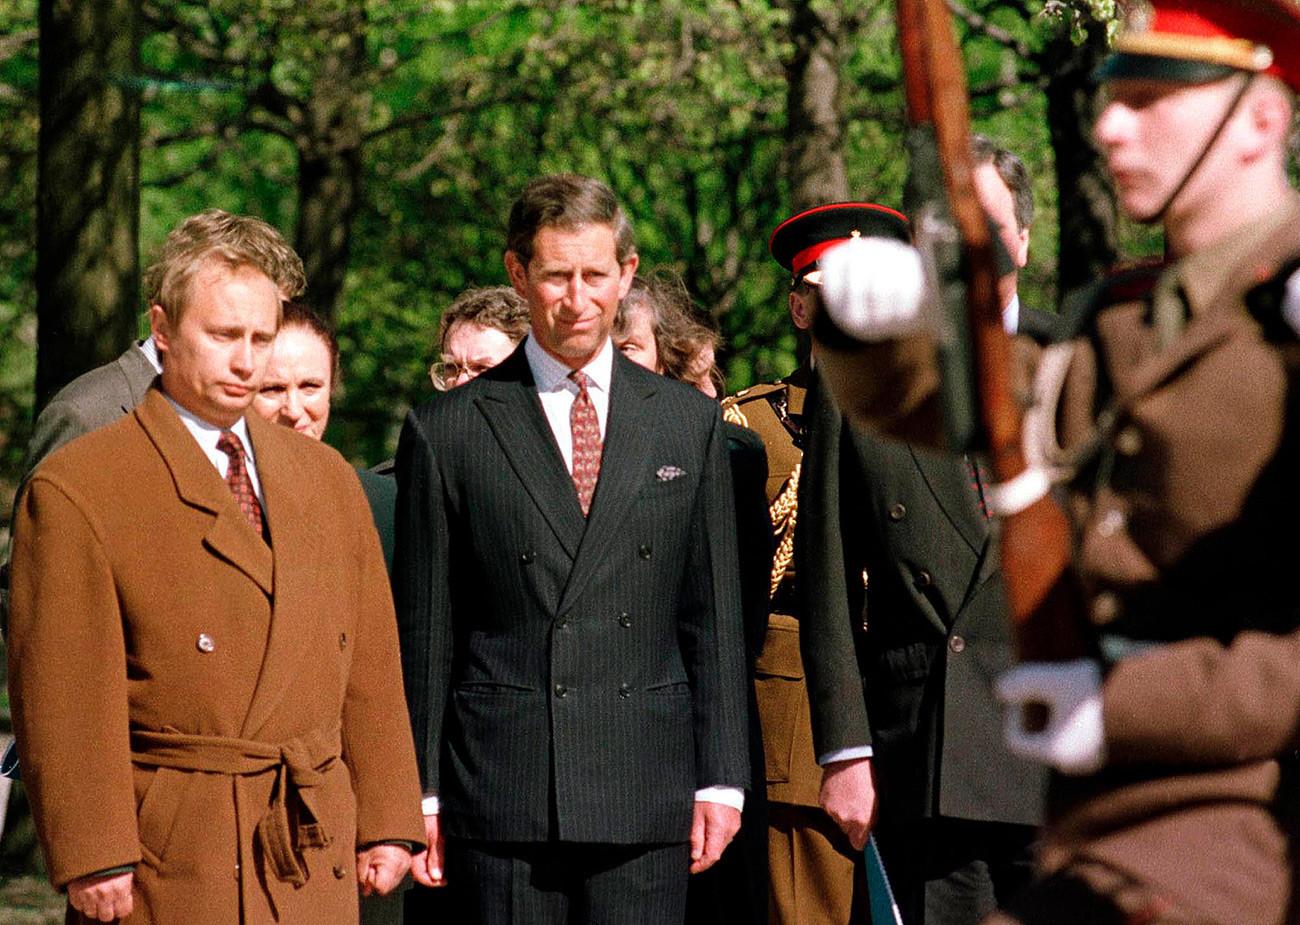 Владимир Путин (лево), кој тогаш бил задолжен за надворешните односи на Санкт Петербург кај градоначалникот Анатолиј Собчак, присуствува на церемонијата на полагање венци со принцот Чарлс на Пискарјовските гробишта во Санкт Петербург, Фотографијата е направена на 17 мај 1994 година.